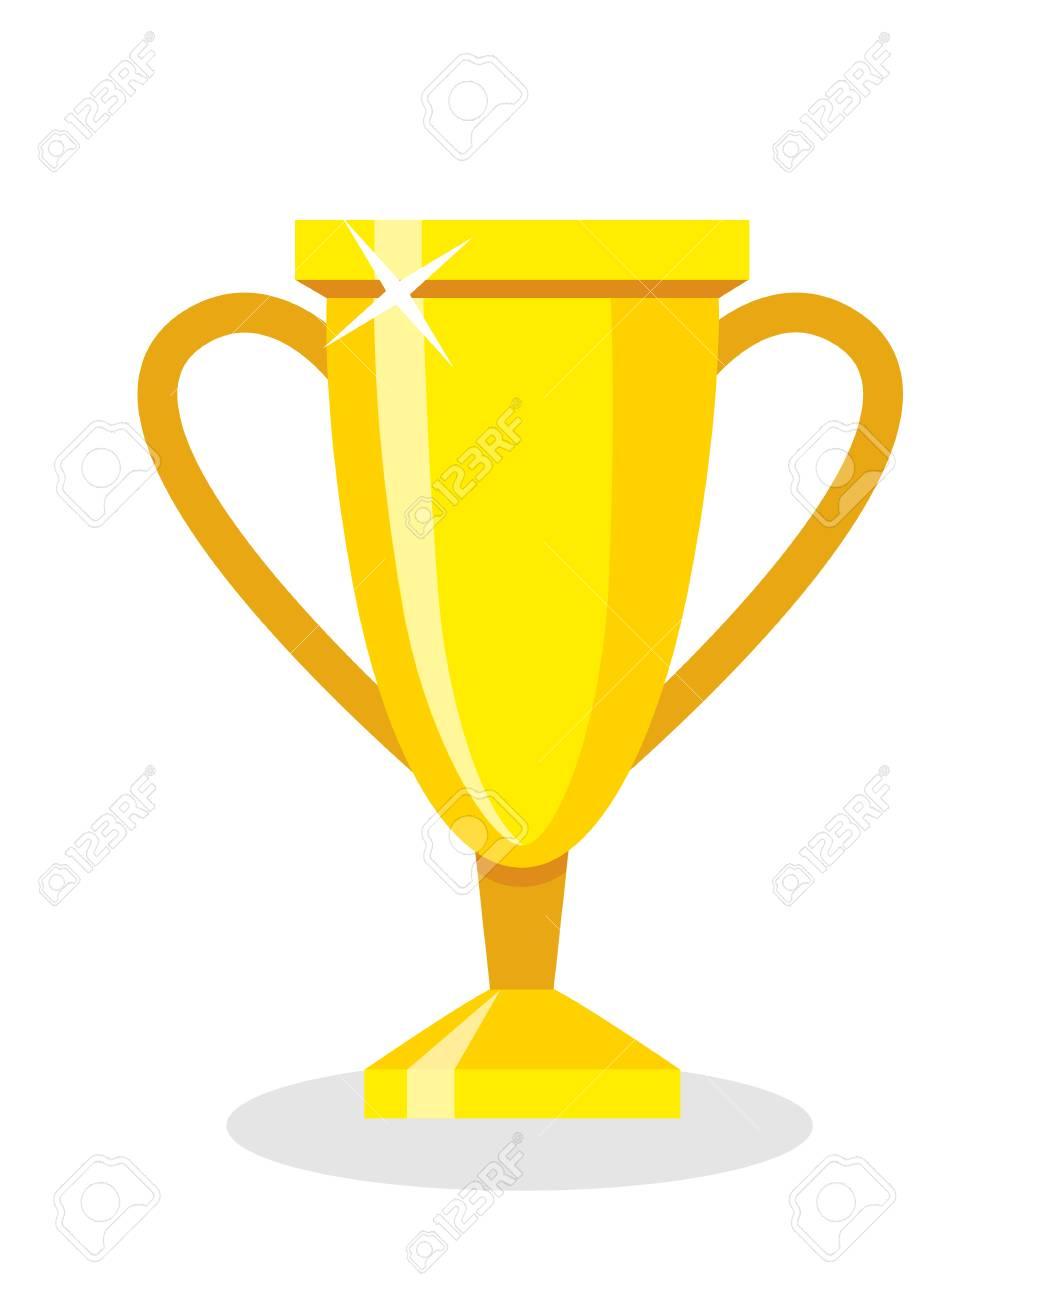 58441256-coupe-dorée-isolée-sur-fond-blanc-concept-de-prix-de-leadership-de-réussite-et-de-réussite-prix-du-gagnant.jpg